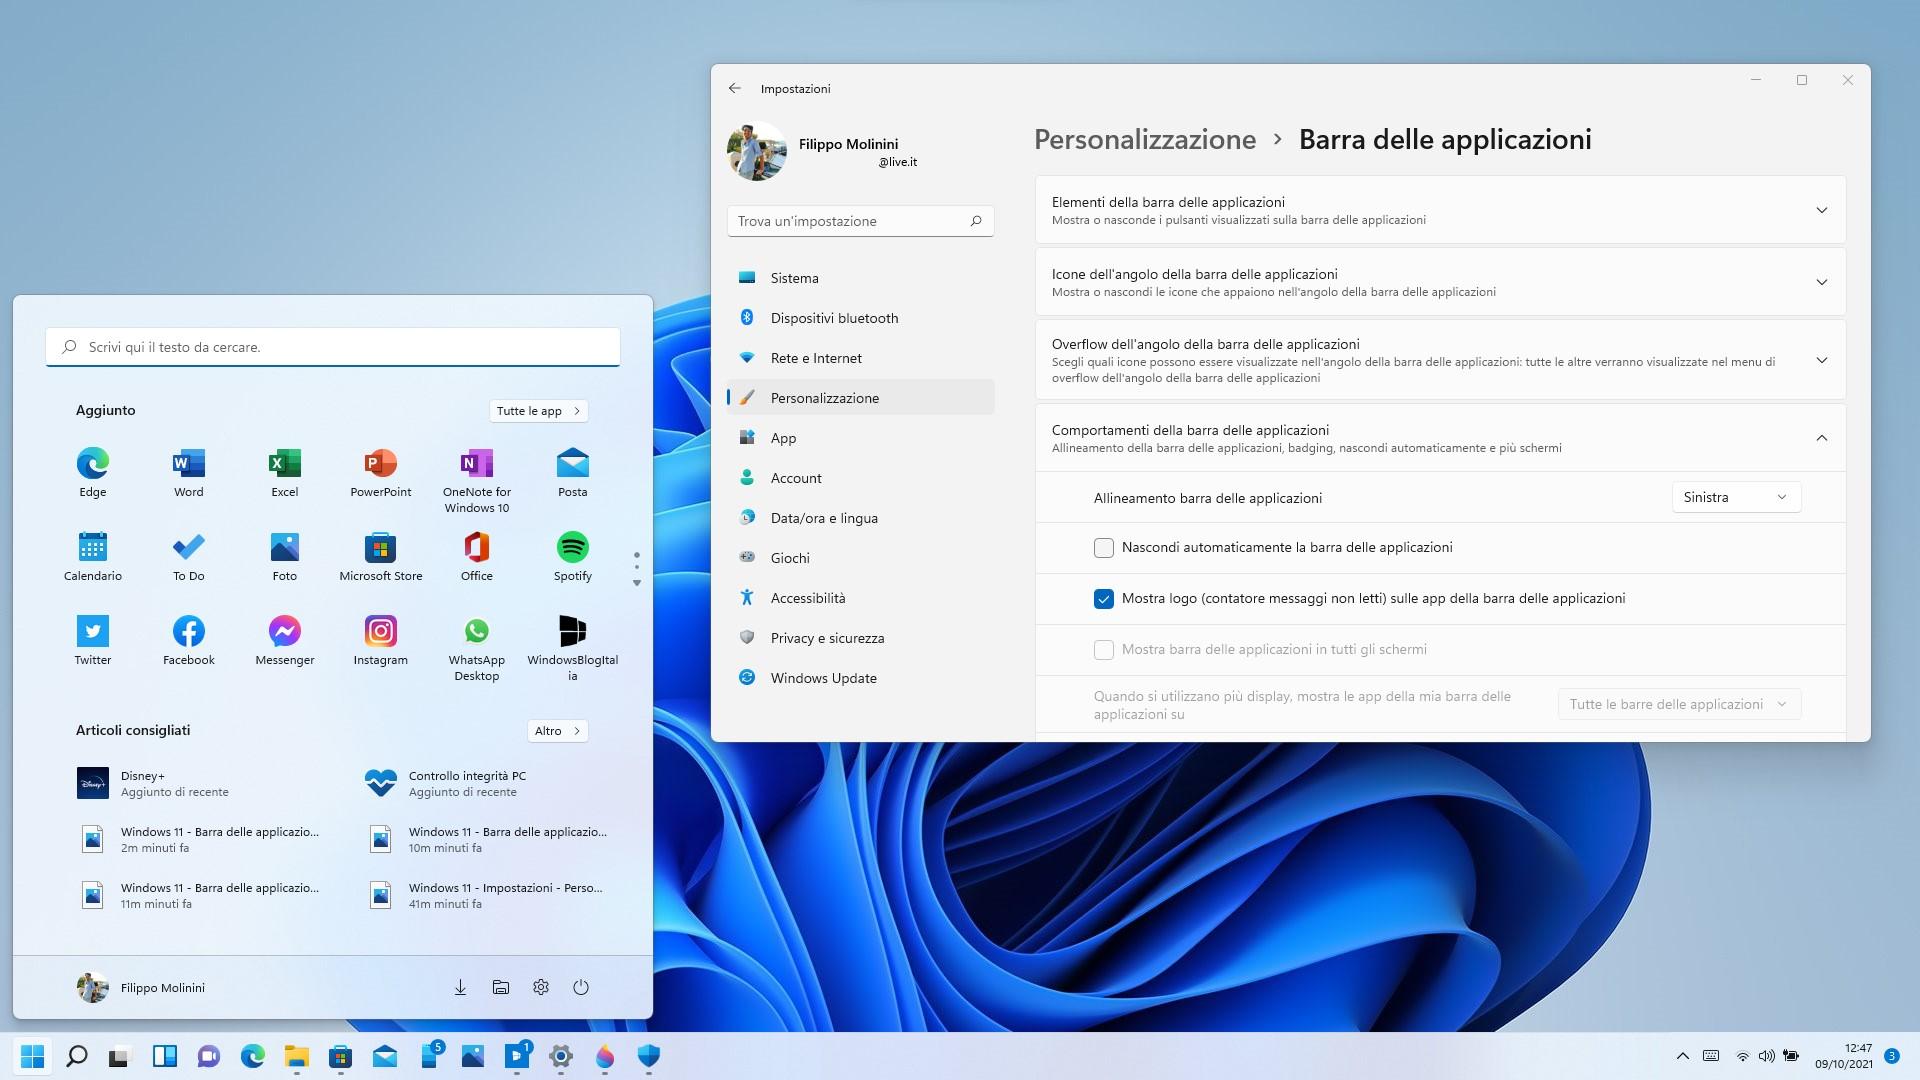 Windows 11 - Impostazioni - Allineamento della barra delle applicazioni a sinistra